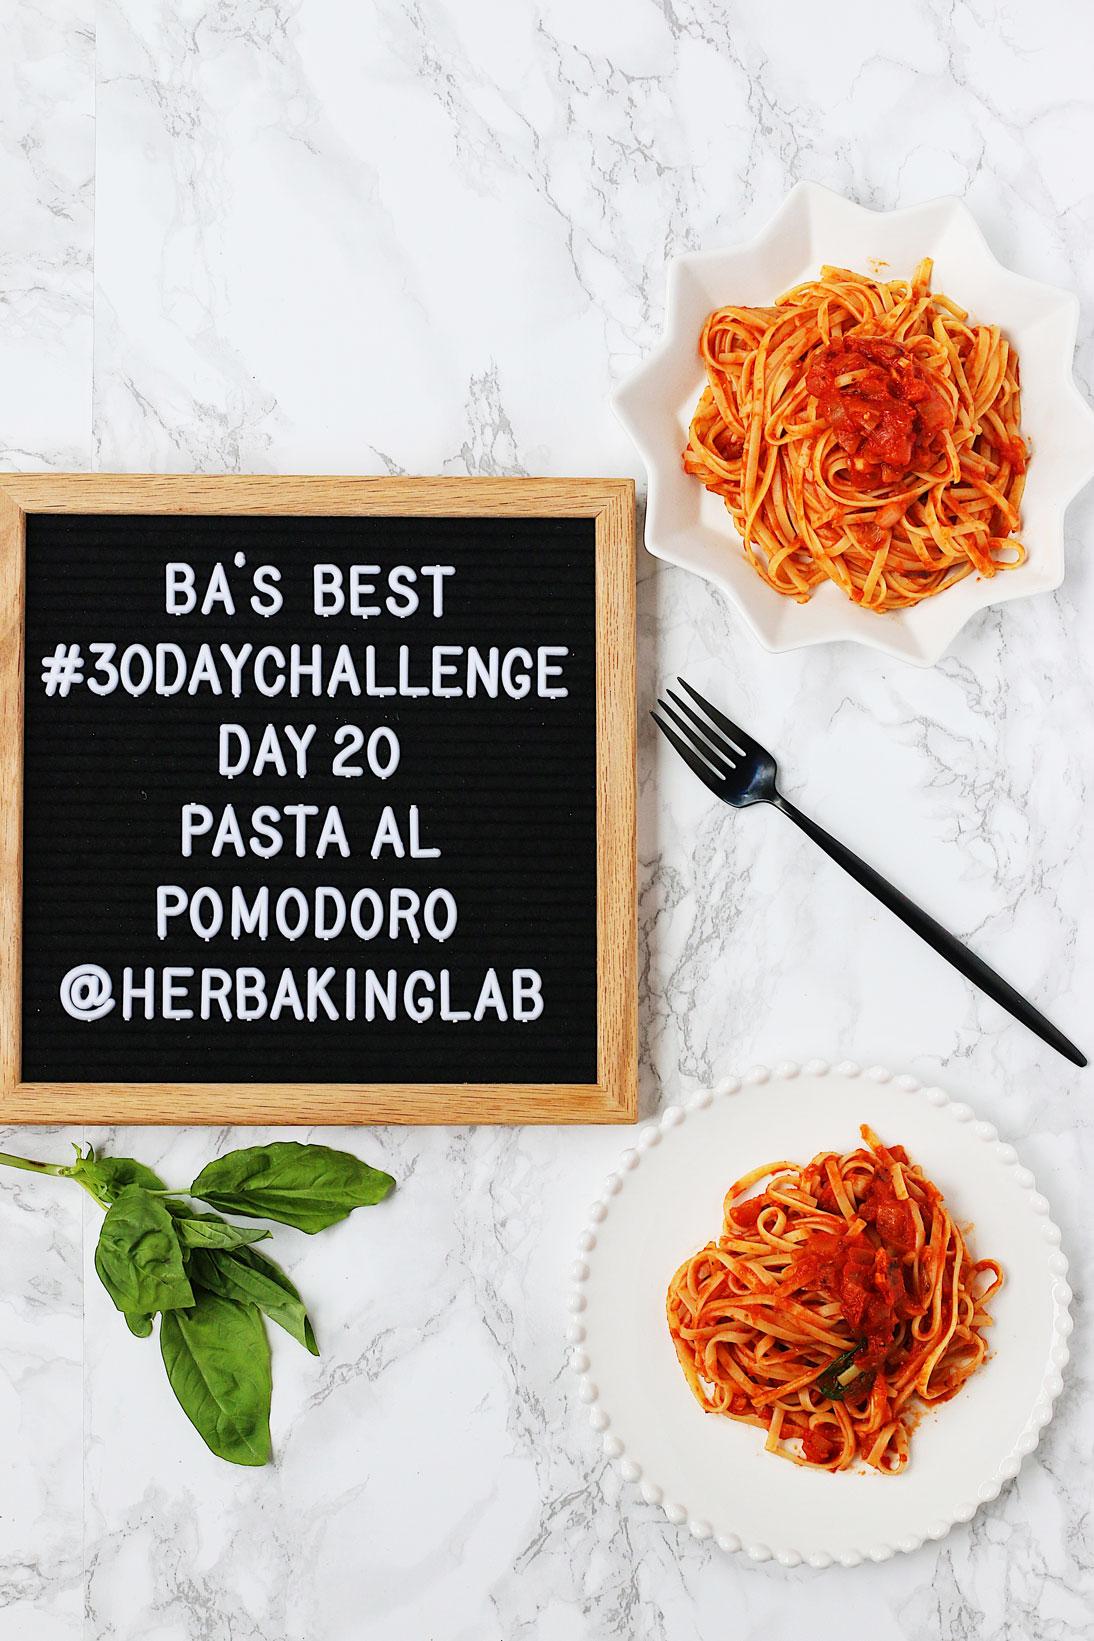 #ba30daychallenge-bon-appetit-best-recipes-day-20-pasta-al-pomodoro